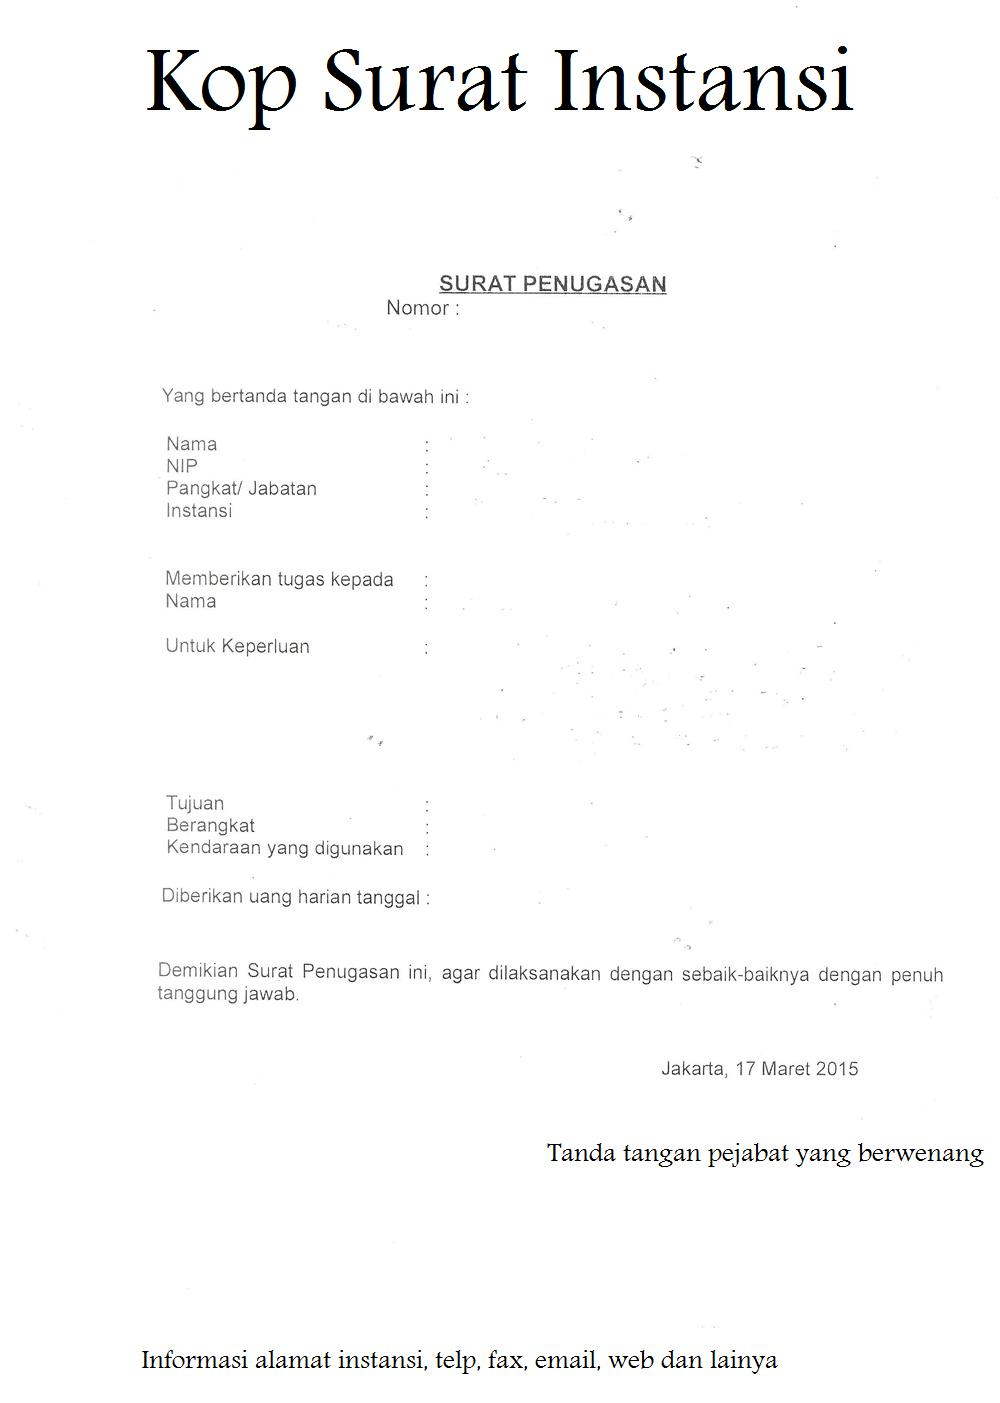 Contoh Format Dan Redaksi Surat Penugasan Pns Murad Maulana